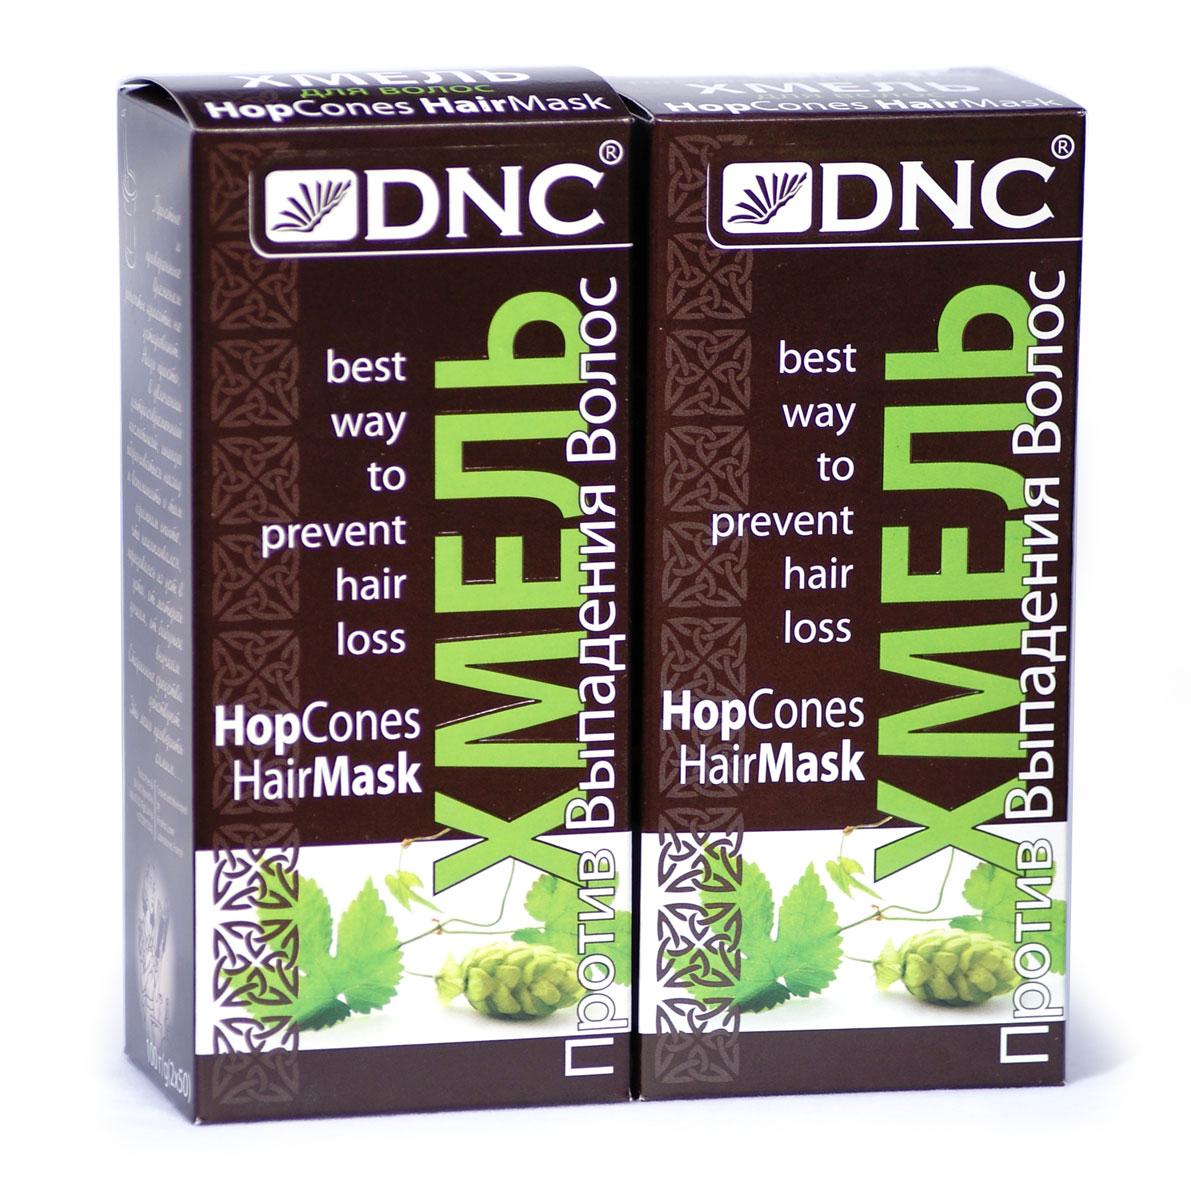 DNC Хмель для волос + Хмель для волос (2*100г) набор4751006752474Регулярное использование Хмеля позволит вернуть волосам густоту и силу.Маска Хмель уменьшает выпадение волос, улучшает их структуру, стимулирует рост и придает приятный блеск. Регулярное использование масок позволит вернуть волосам густоту и силу.